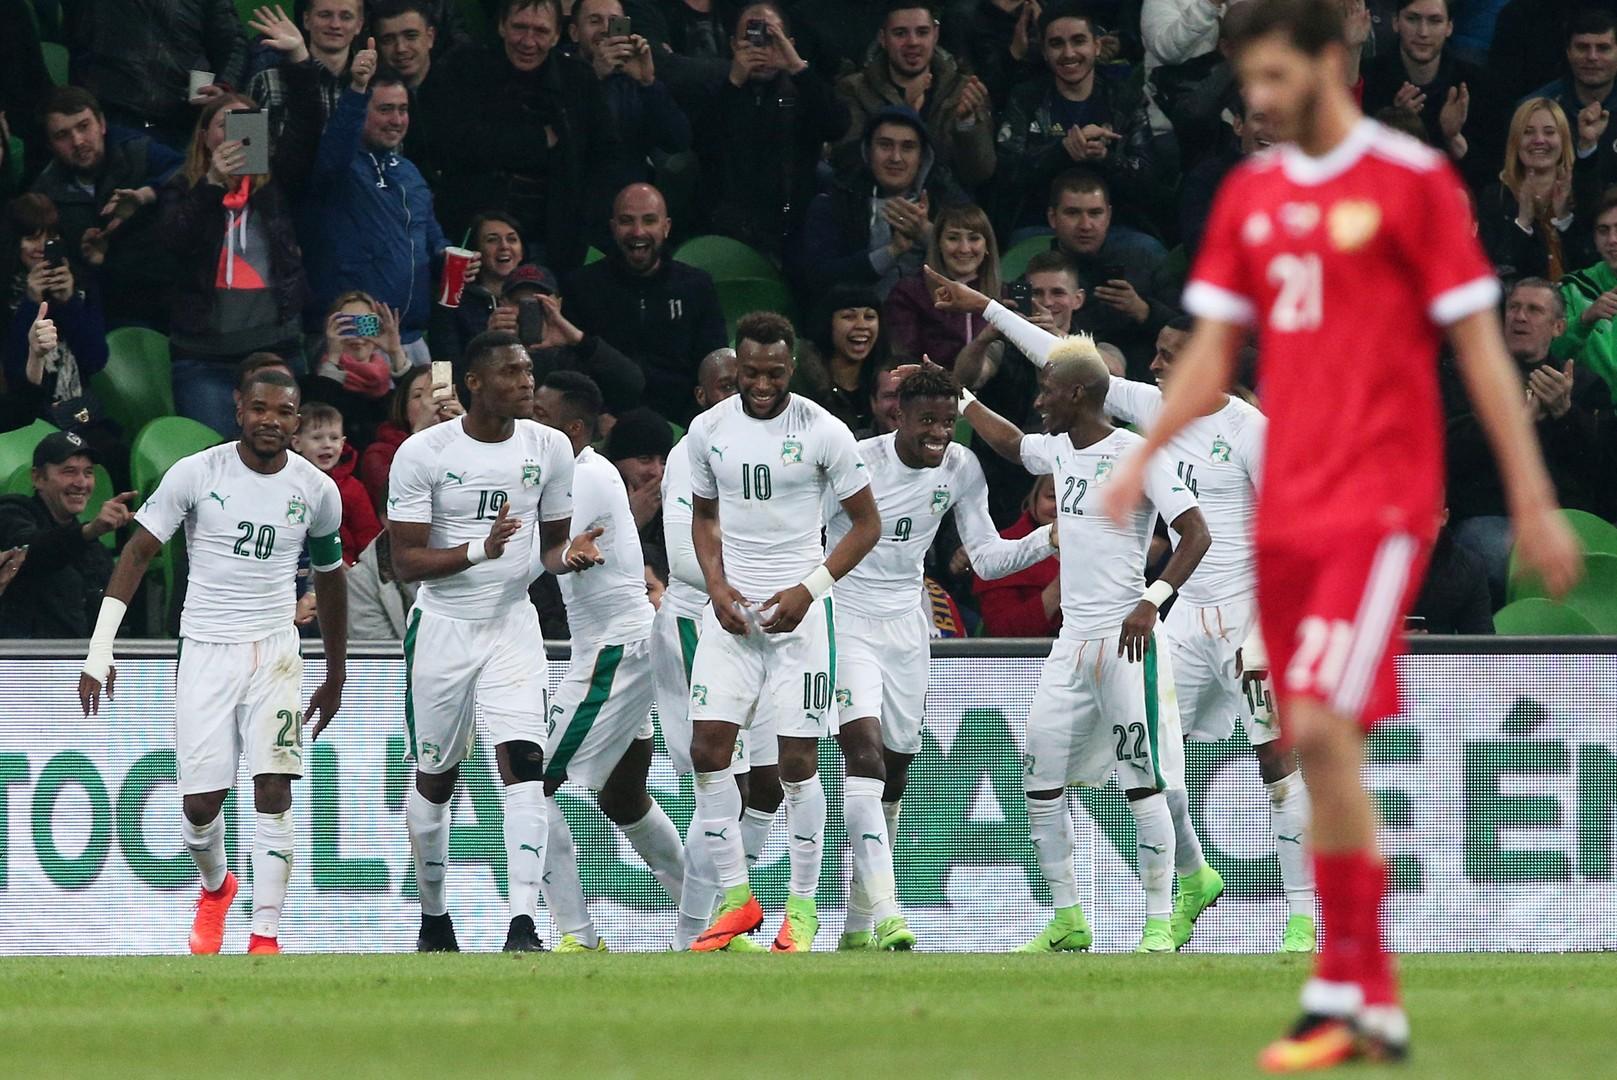 «Заслужили свист трибун»: игроки сборной России отреагировали на поражение от Кот-д'Ивуара